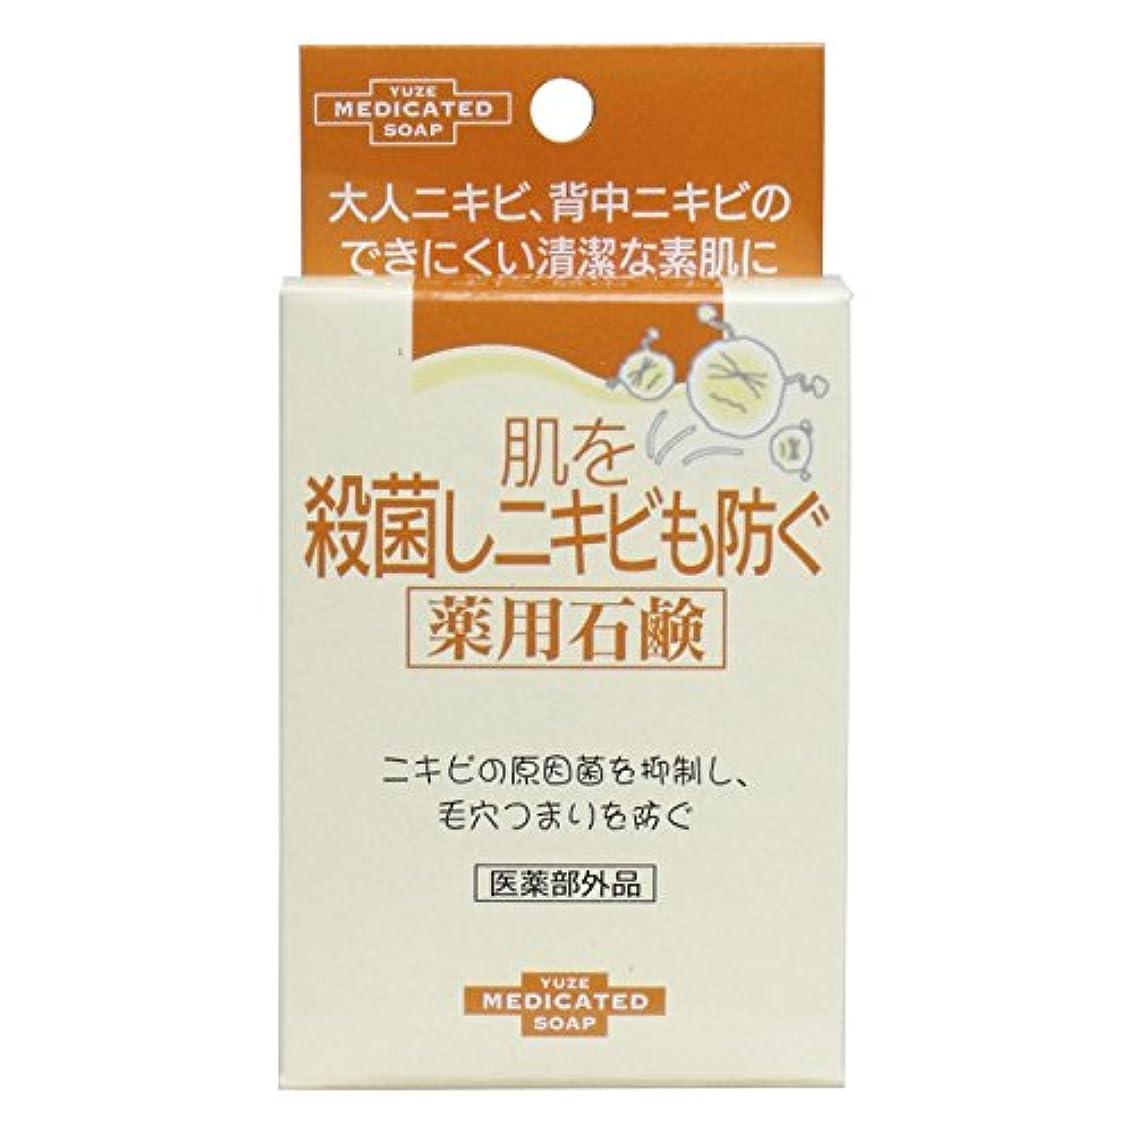 刺しますモルヒネメディカルユゼ 肌を殺菌しニキビも防ぐ薬用石鹸 (110g)